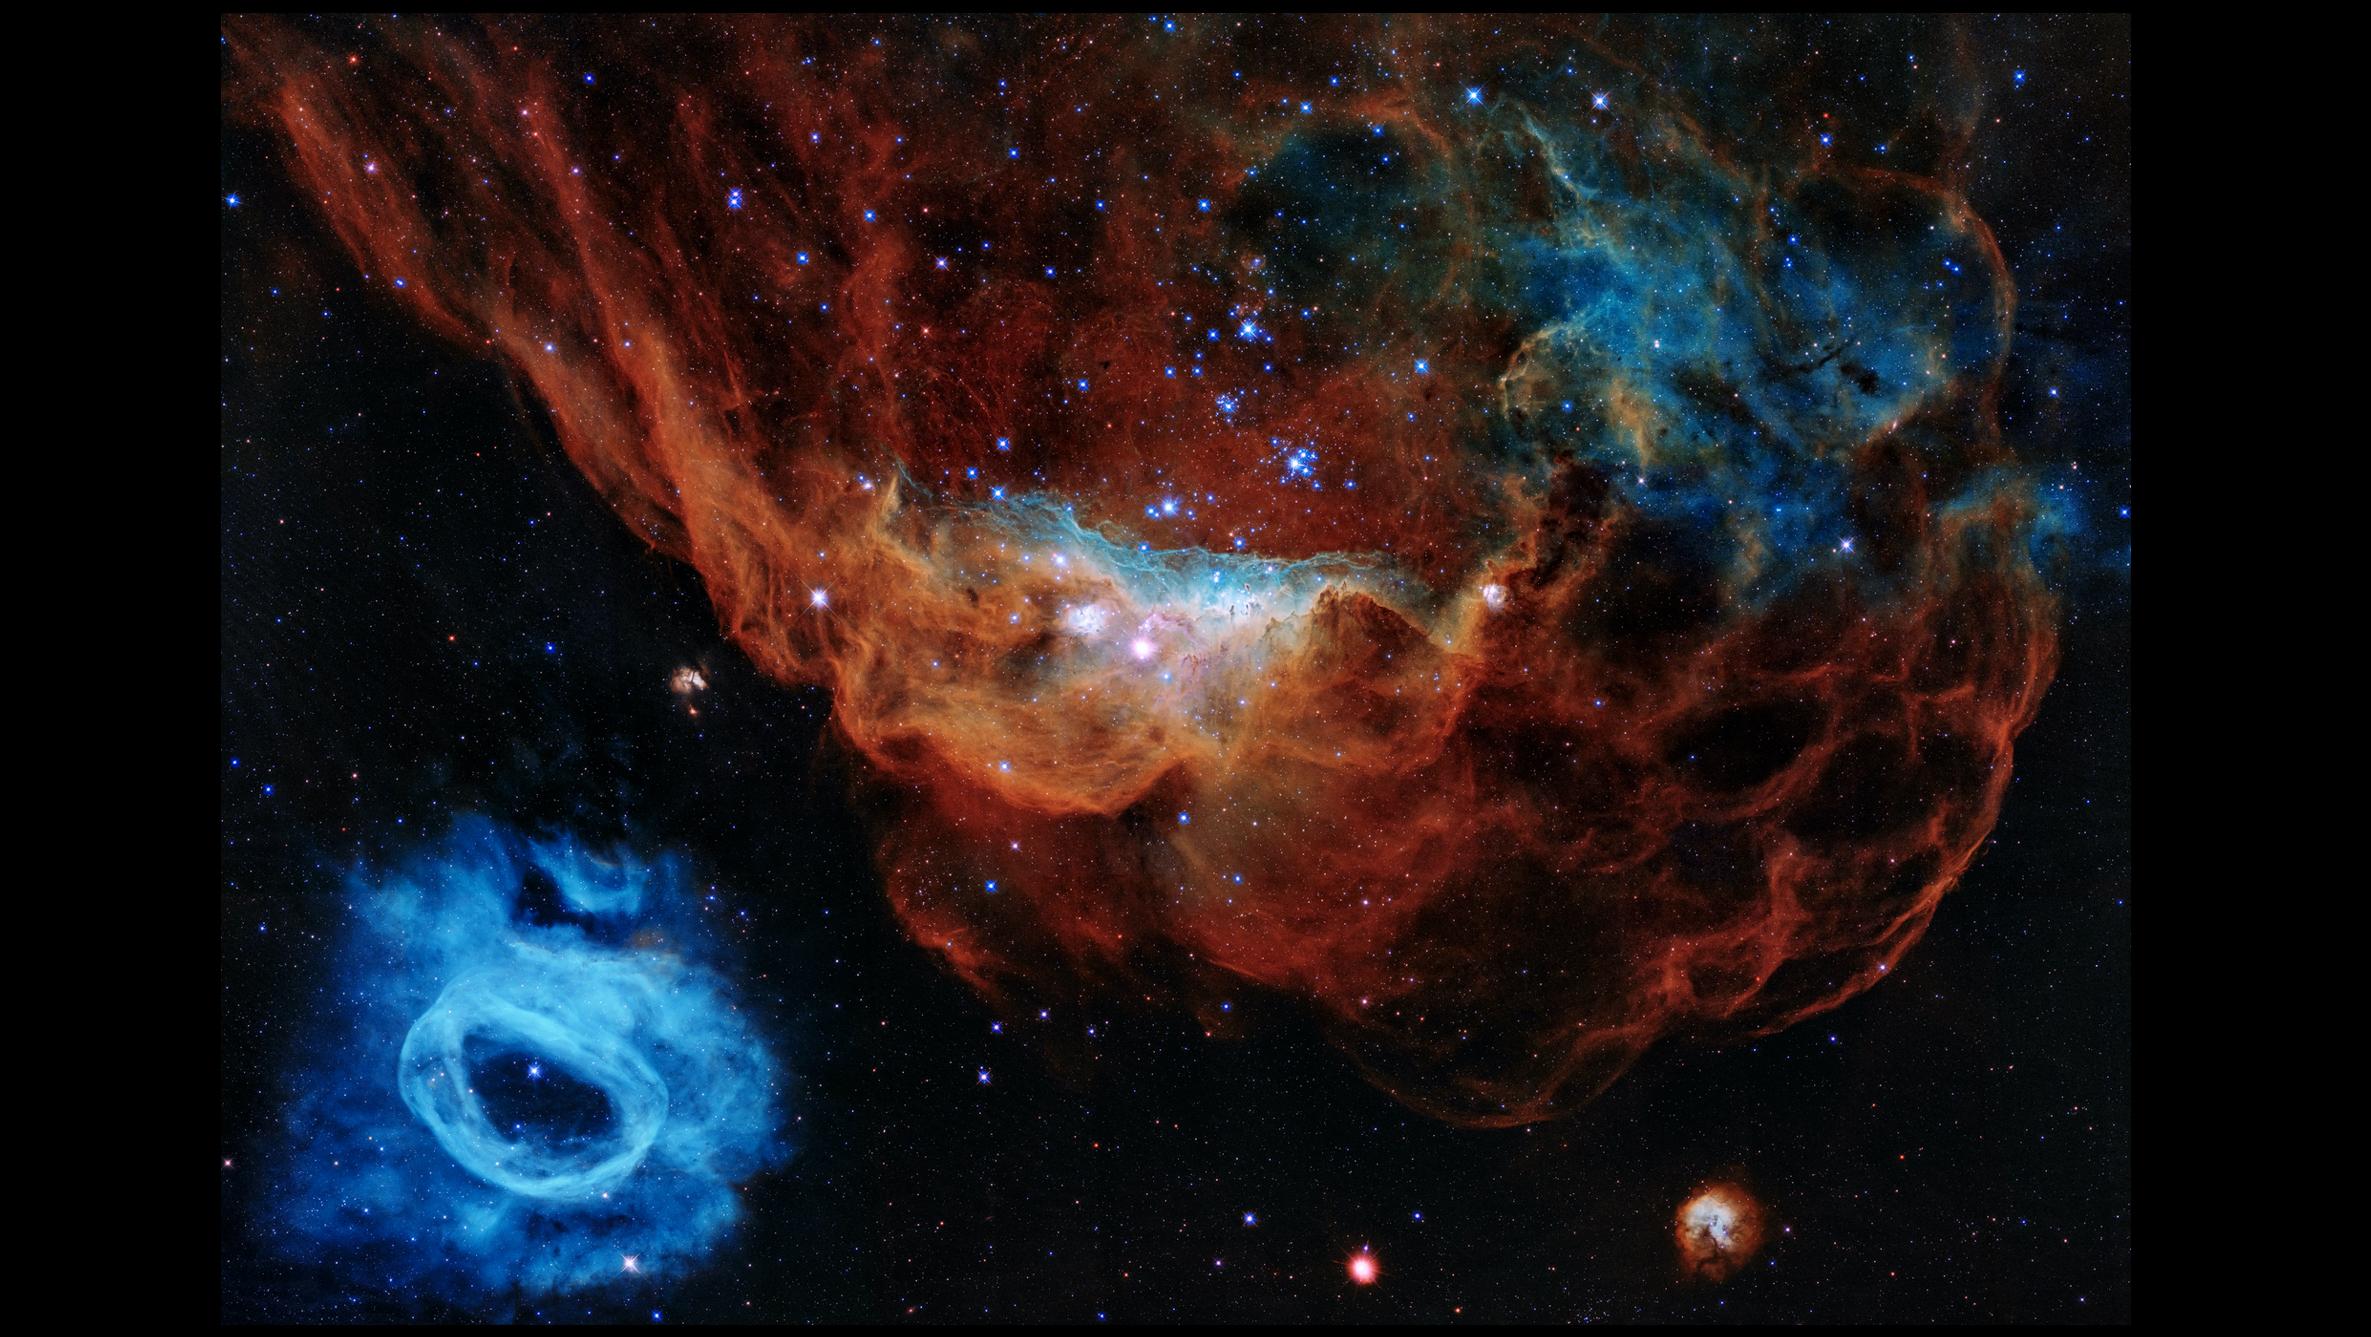 Telescópio Hubble comemora 30 anos - foto comemorativa